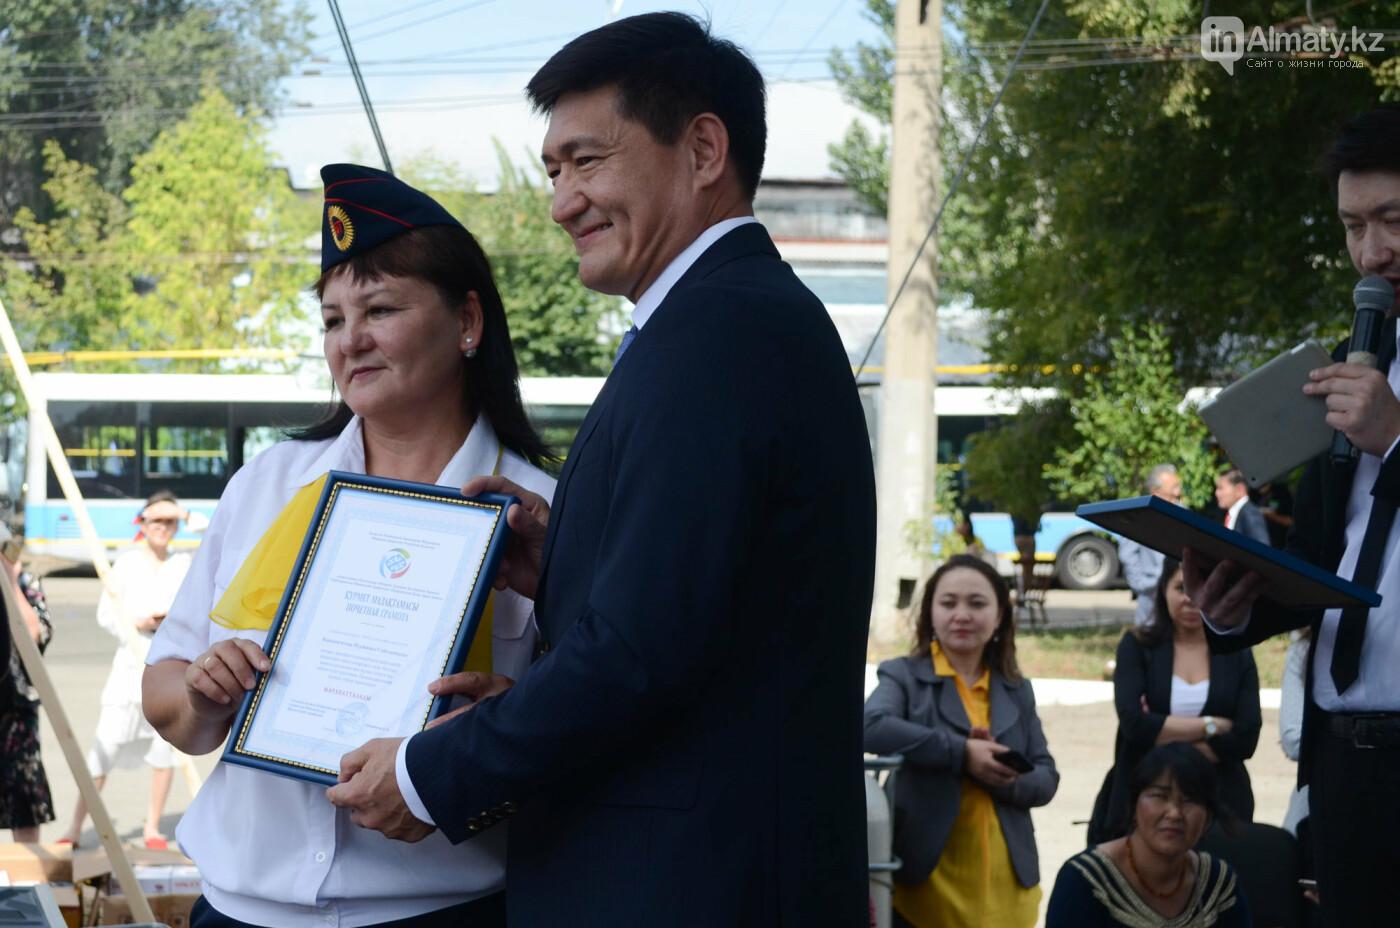 Юбилей троллейбуса отметили в Алматы (фото), фото-2